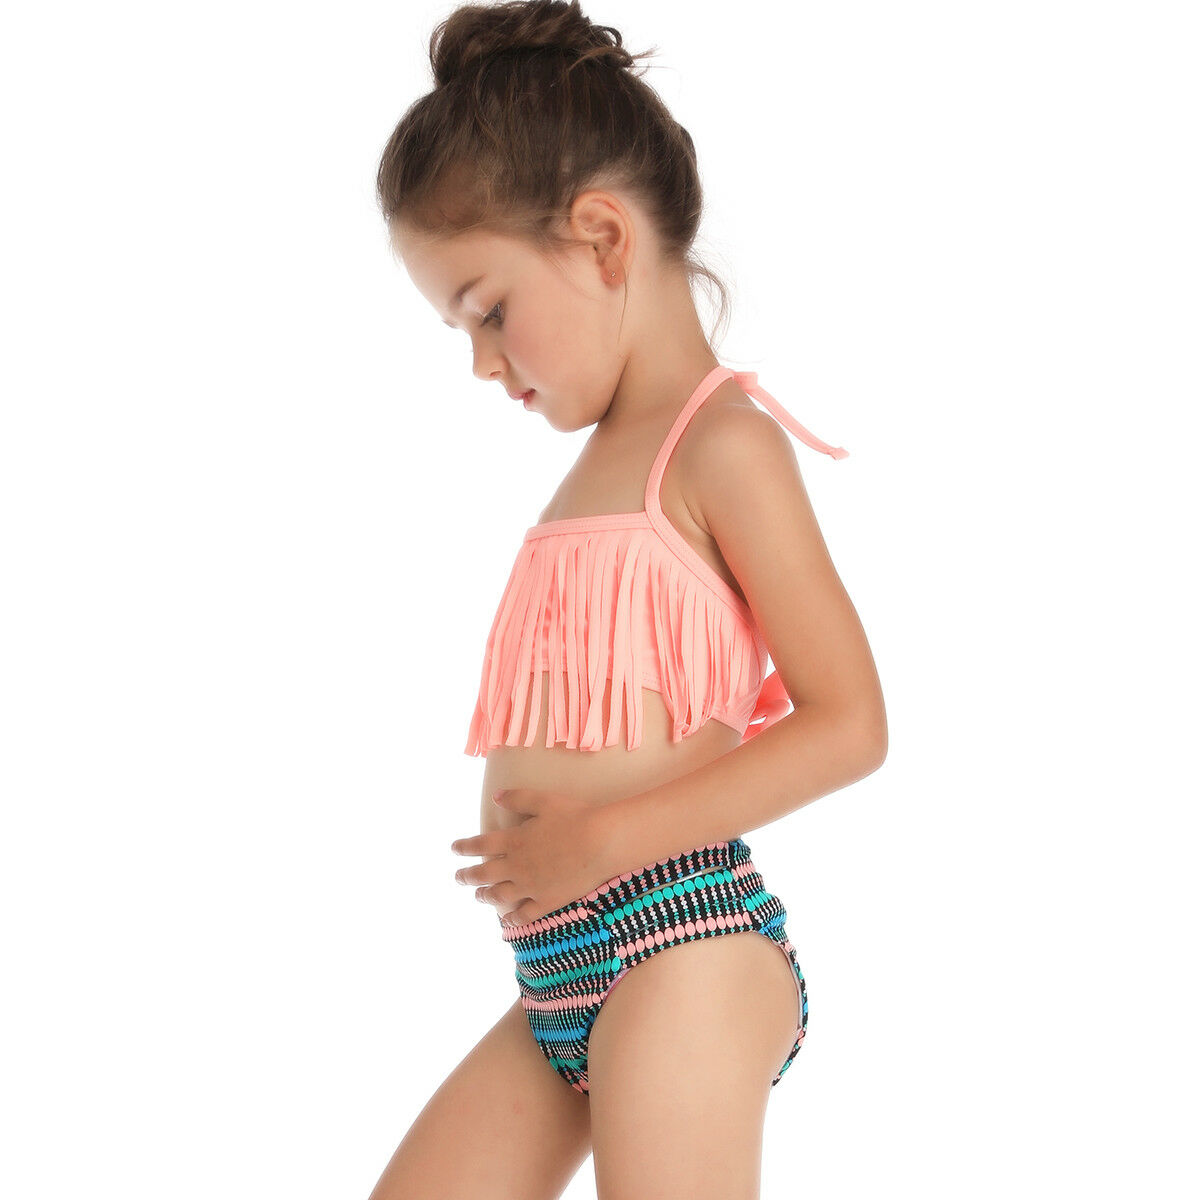 d9af946bf02069 Details about 2-6 Years Kids Two Piece Tassel Fringe Bikini Set Little Girls  Swimwear Swimsuit